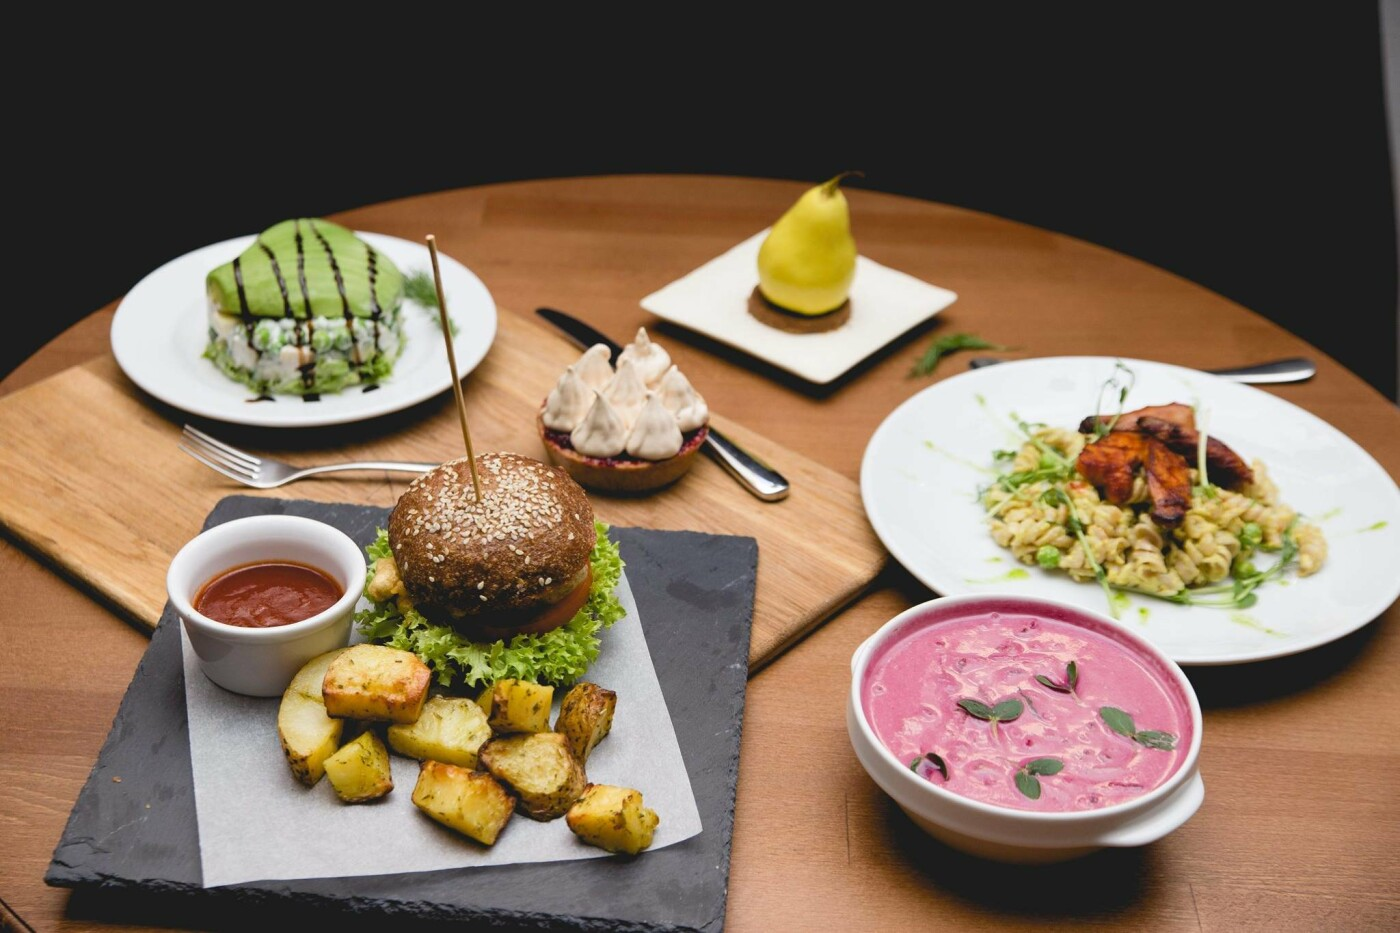 8 закладів з вегетаріанським меню у Львові, де можна смачно поїсти, фото-3